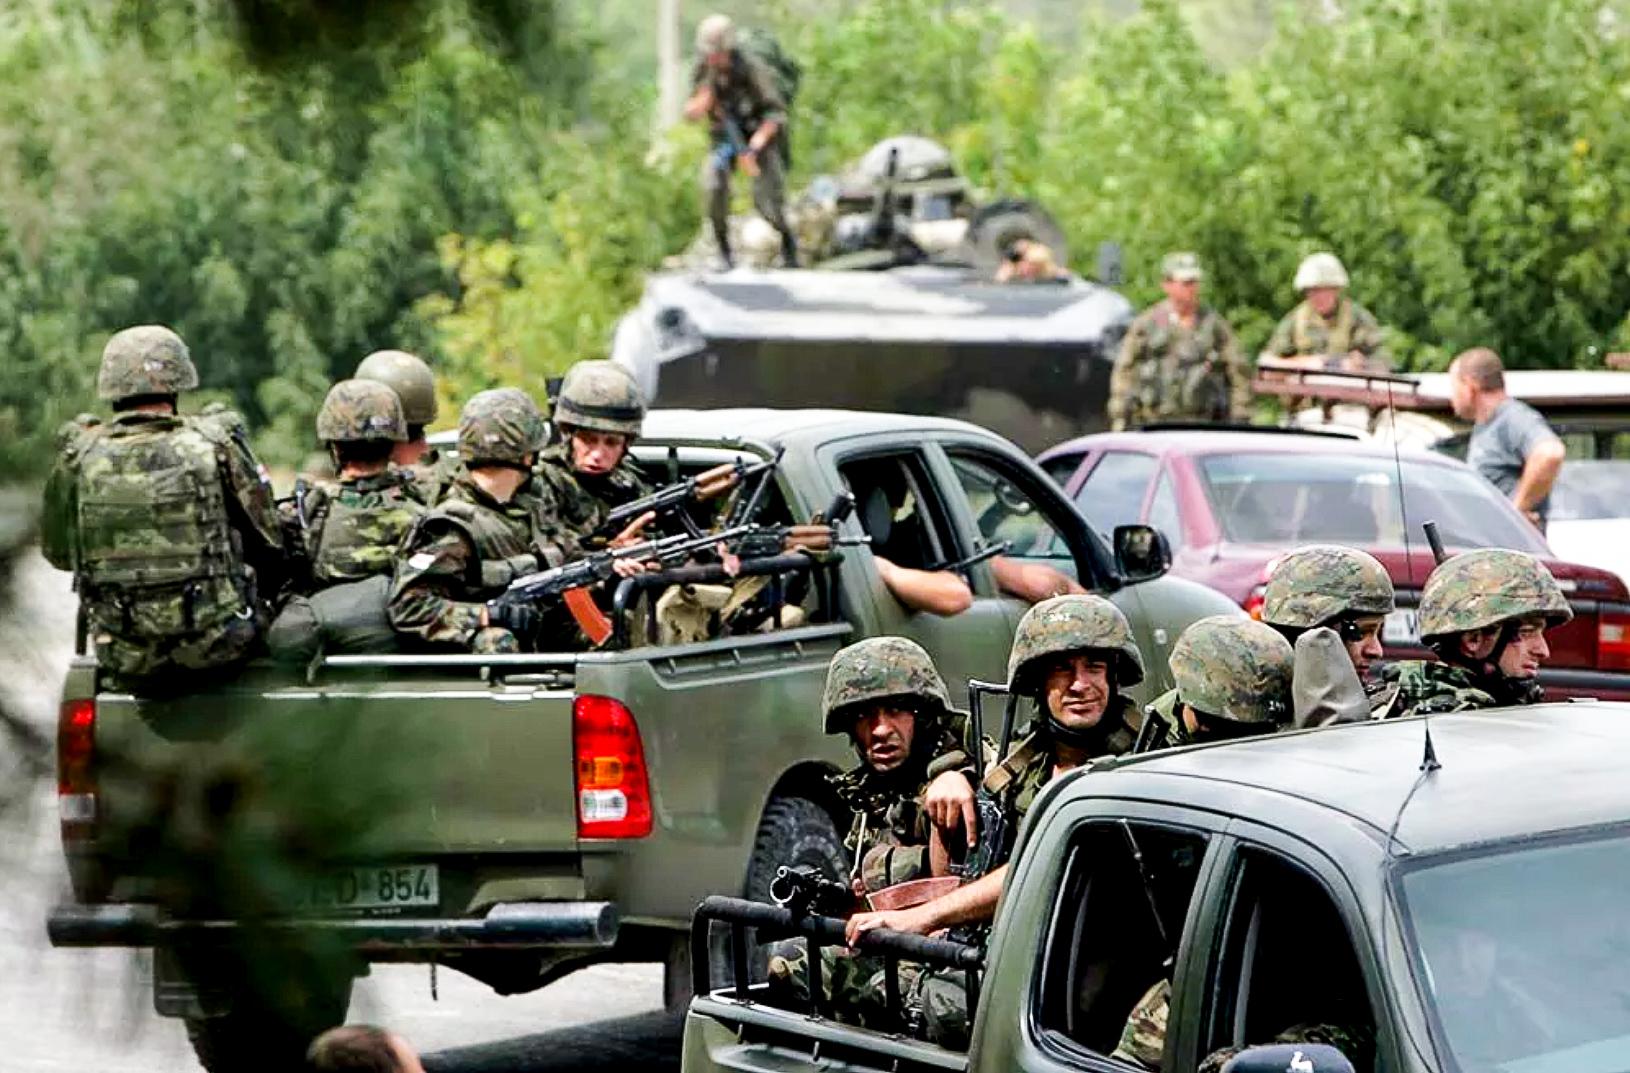 Всё это время он стоял спулемётом наоткрытом месте, удерживая несколько десятков грузинских спецназовцев: «Яготов был открыть огонь, еслибы они дёрнулись»